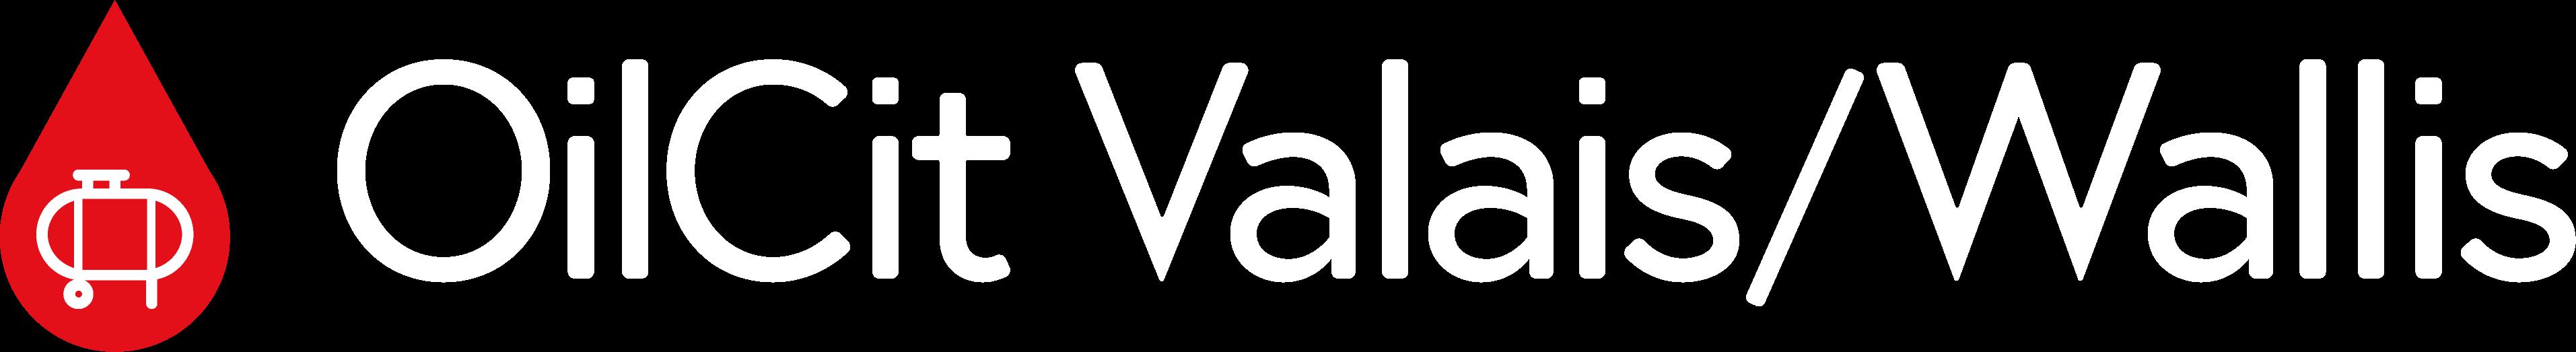 OilCit Valais/Wallis